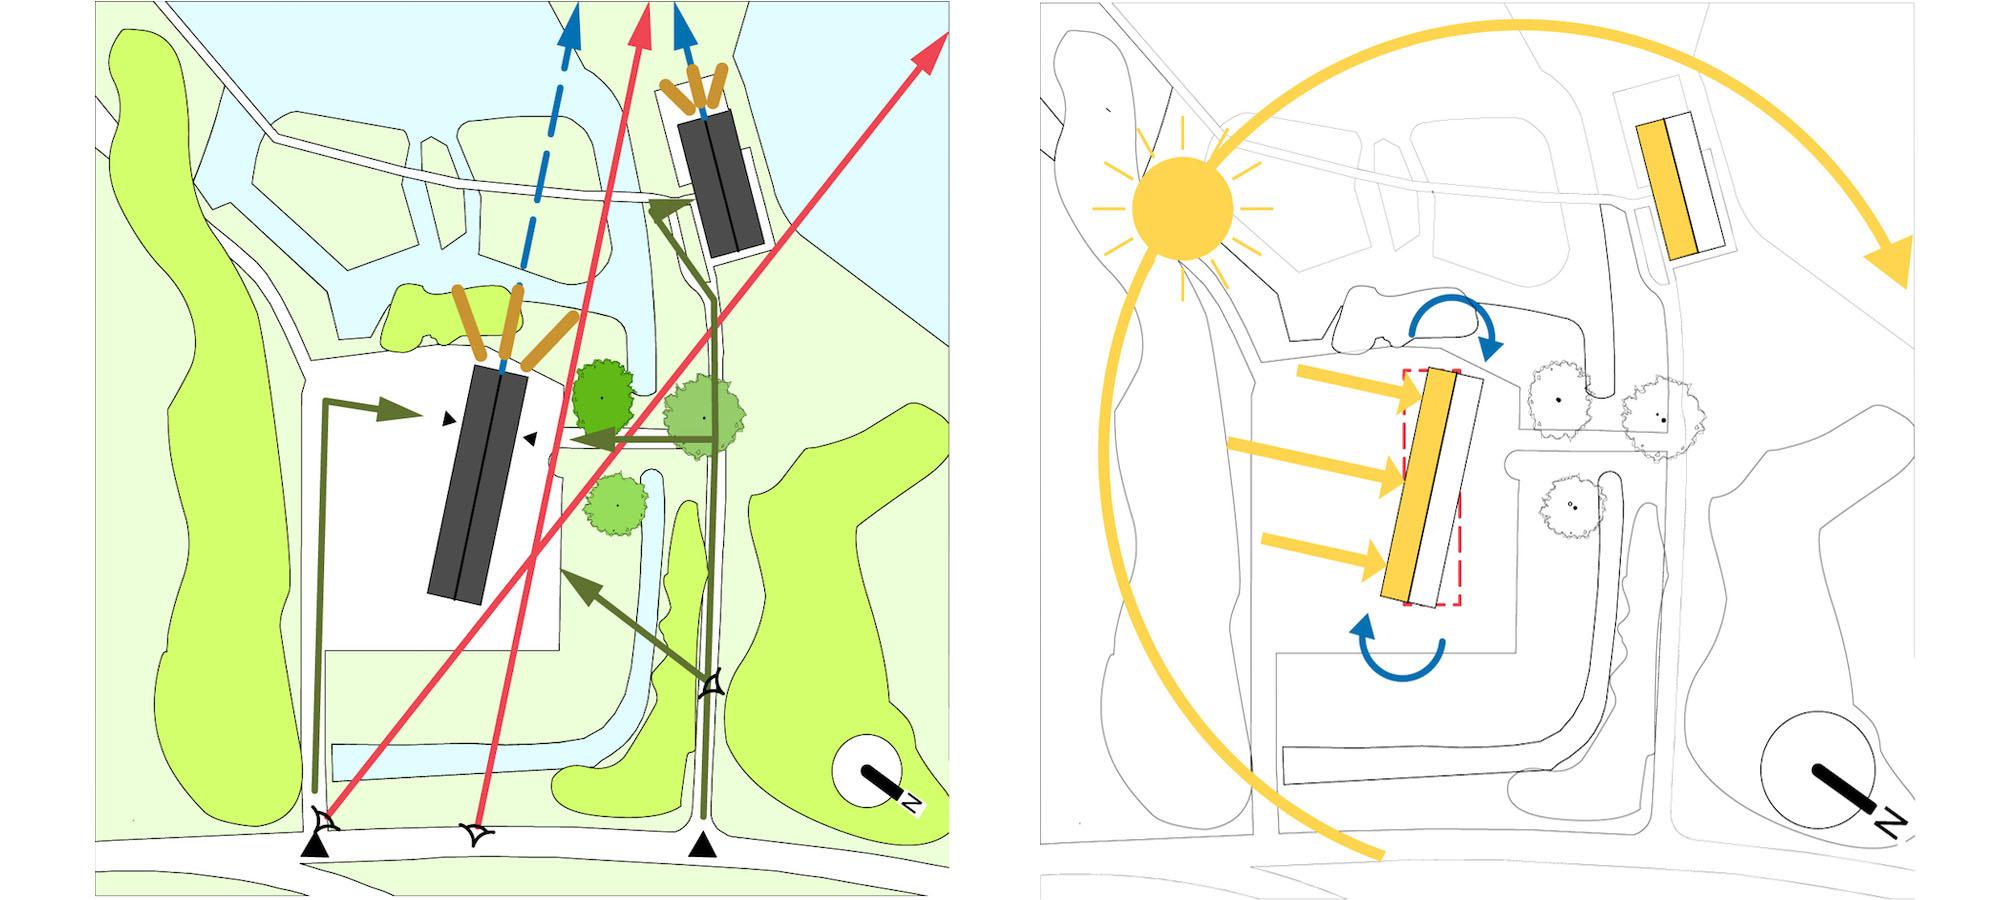 situatie | gedraaide positie voor optimale zuid oriëntatie zonnepanelen